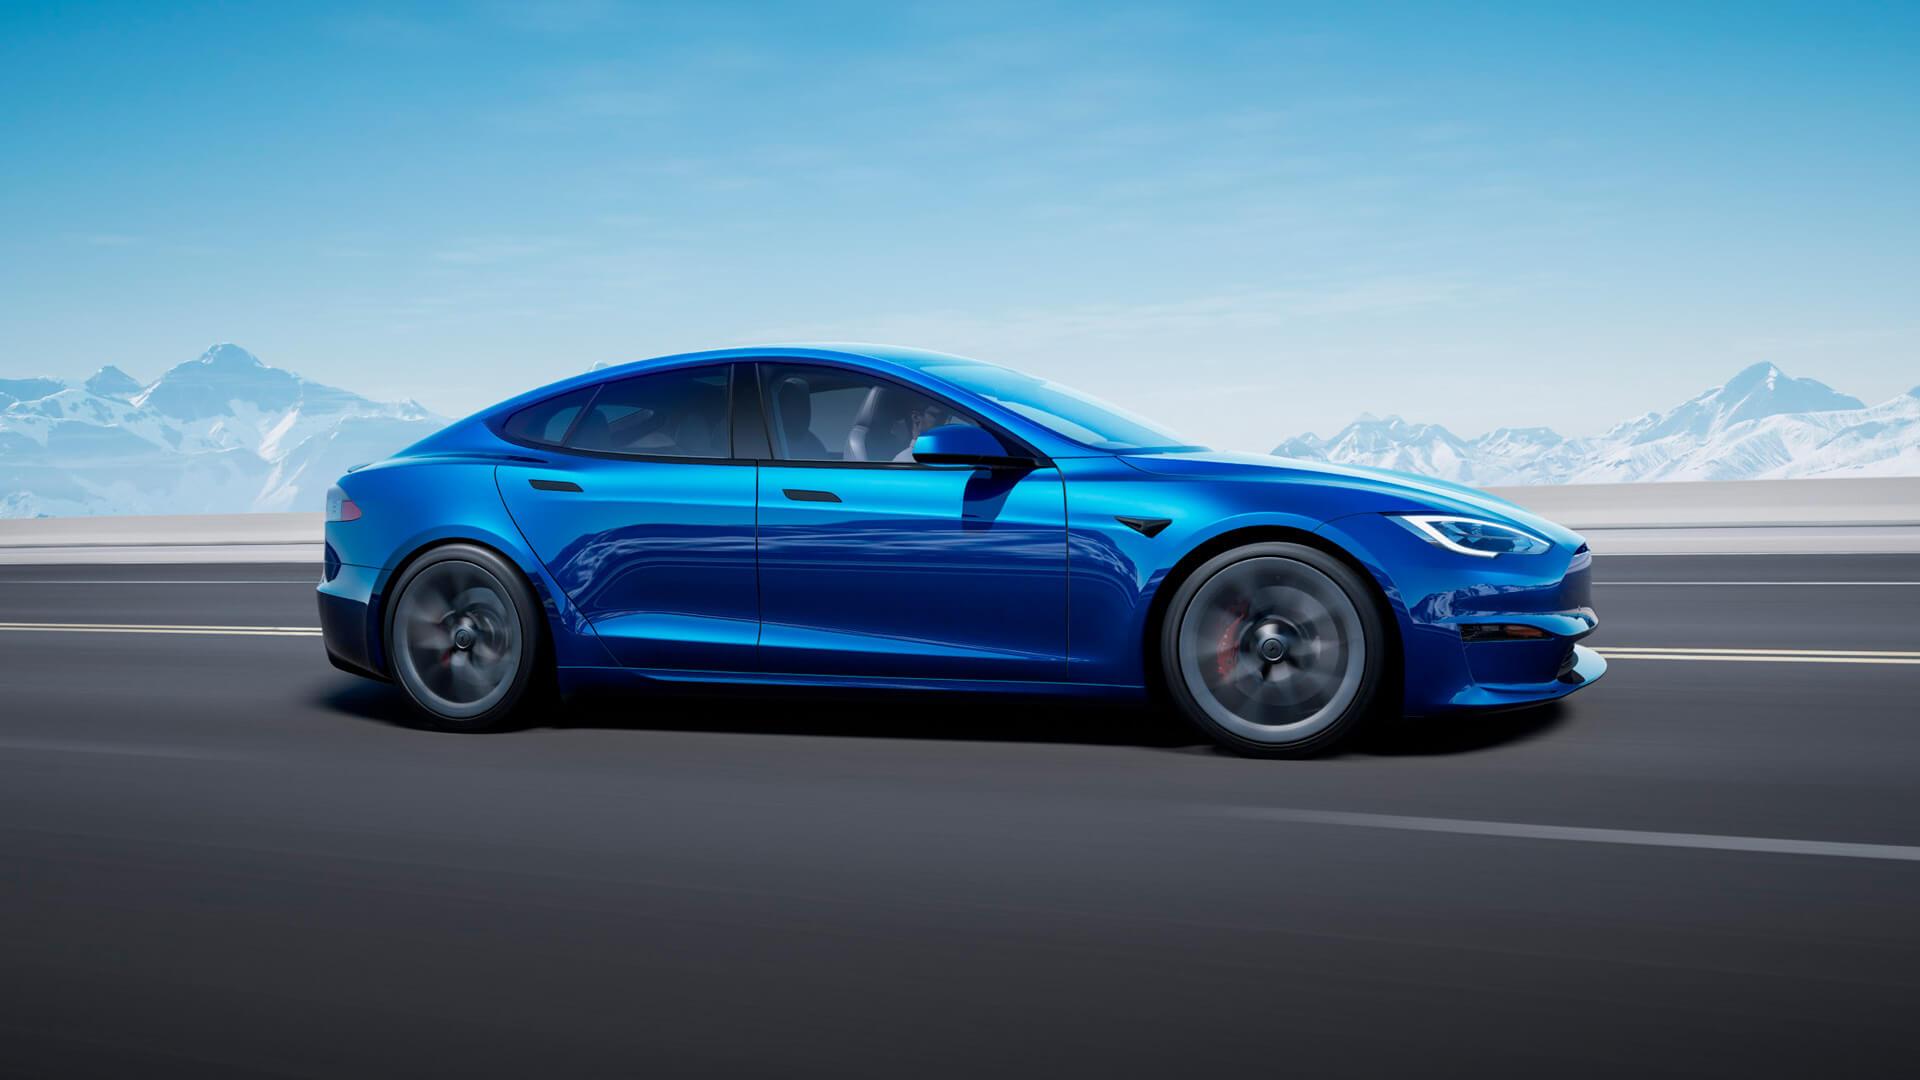 Tesla исключает из конфигуратора версии Performance, заменив их на Plaid и Plaid+